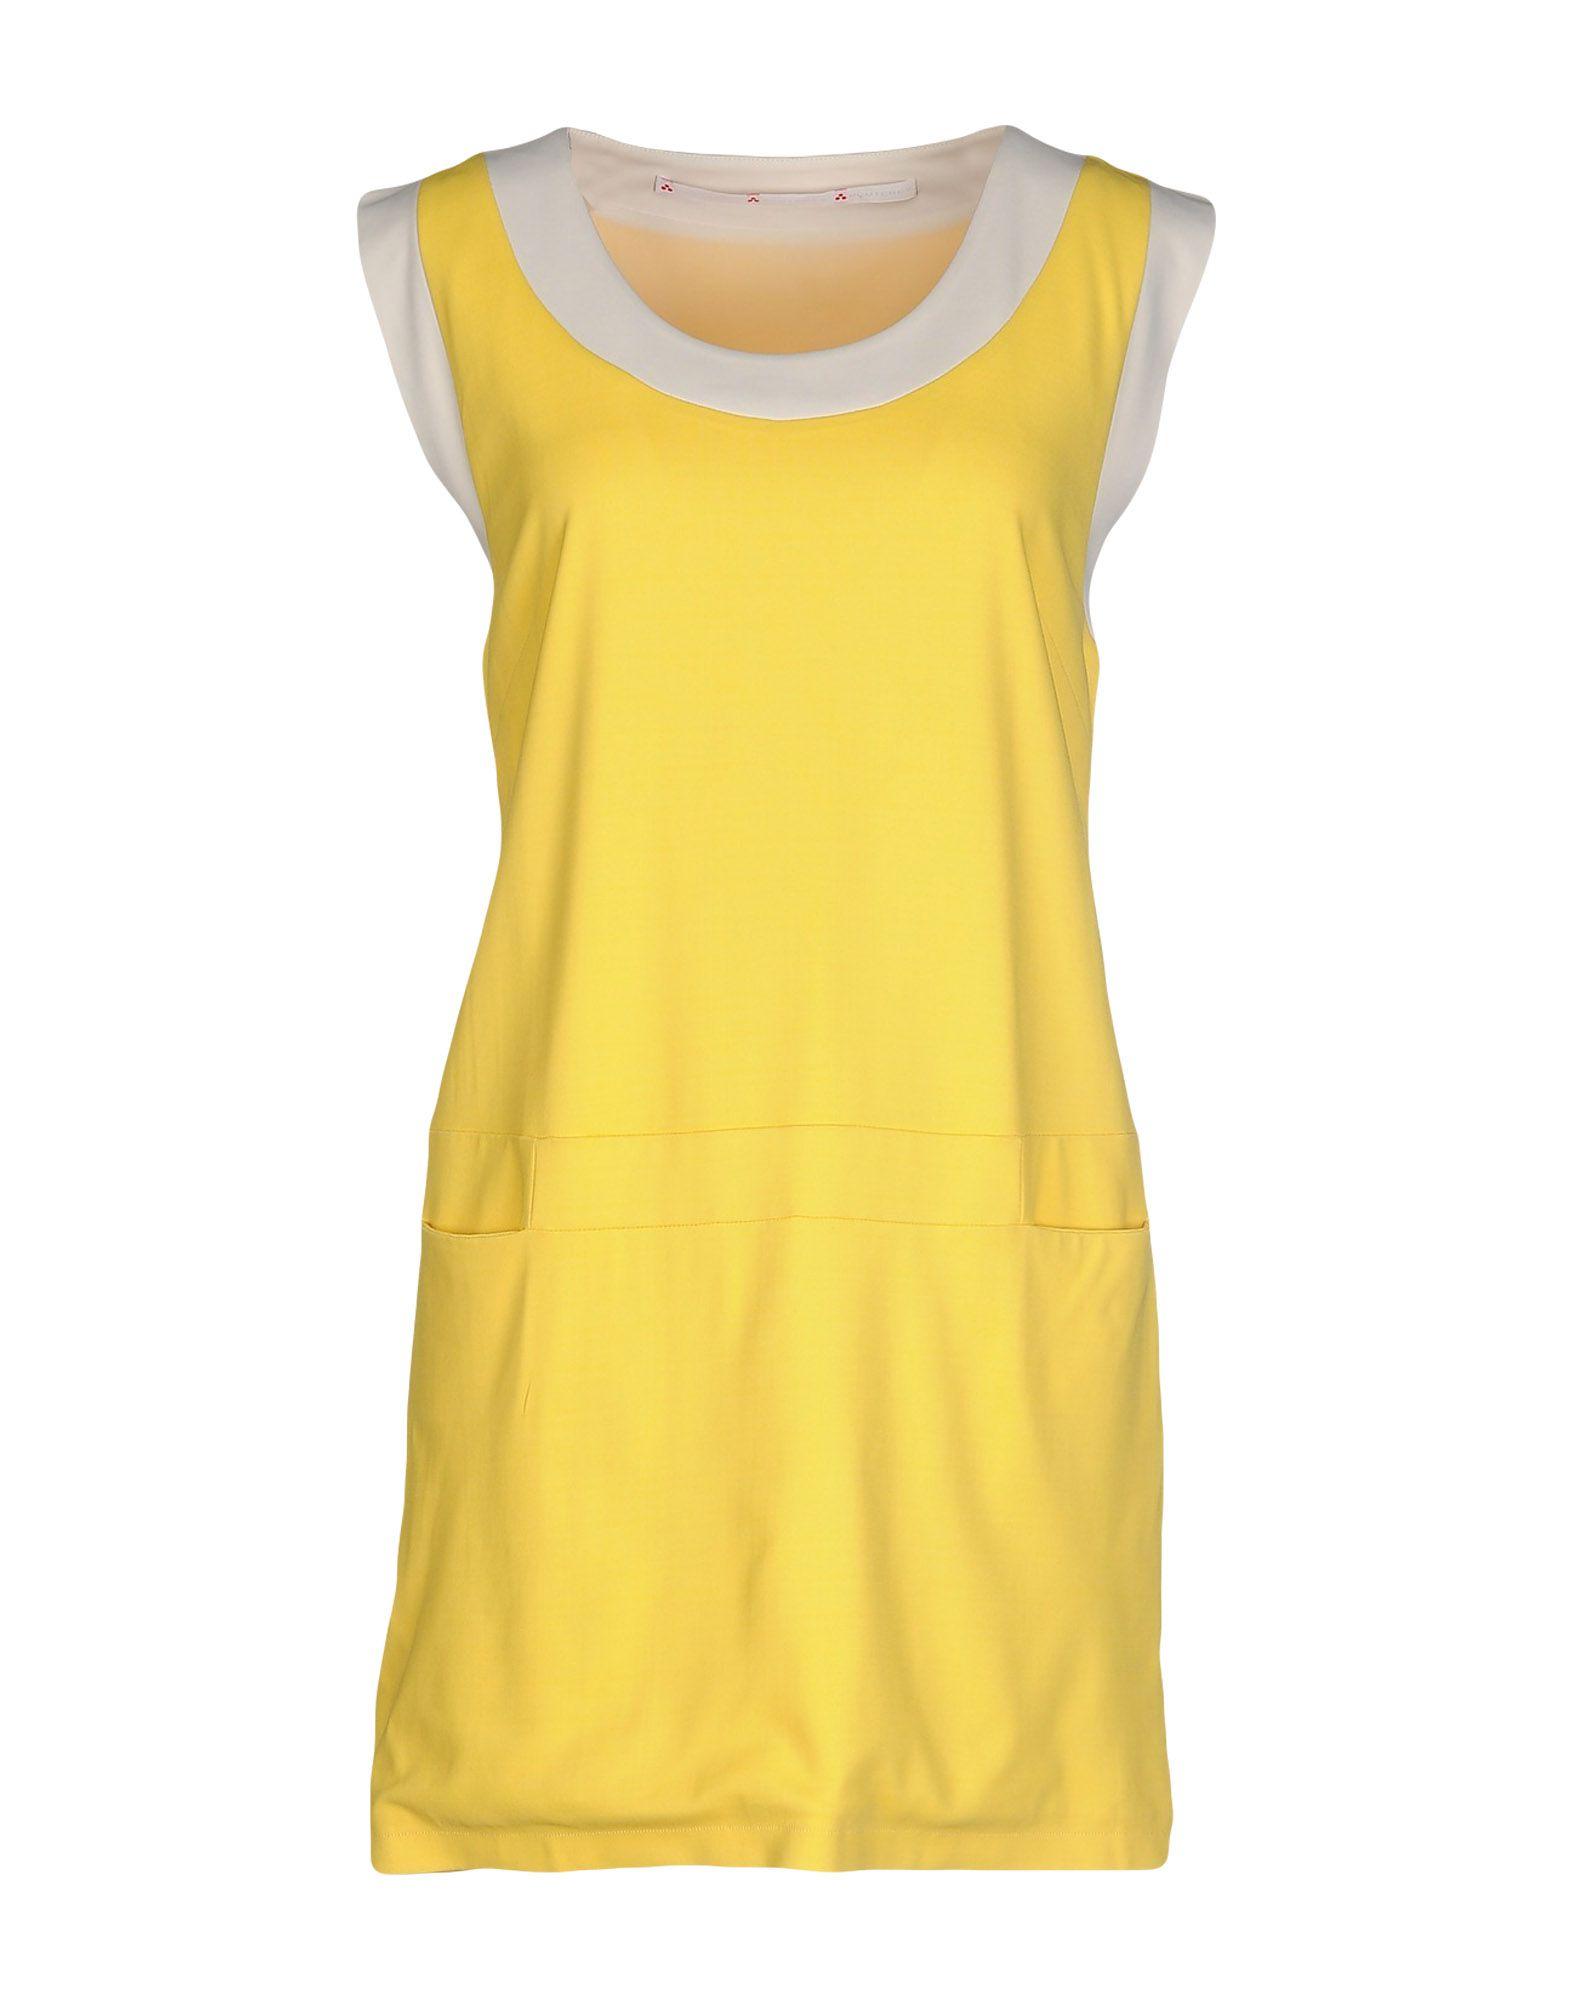 PEUTEREY Damen Kurzes Kleid Farbe Gelb Größe 4